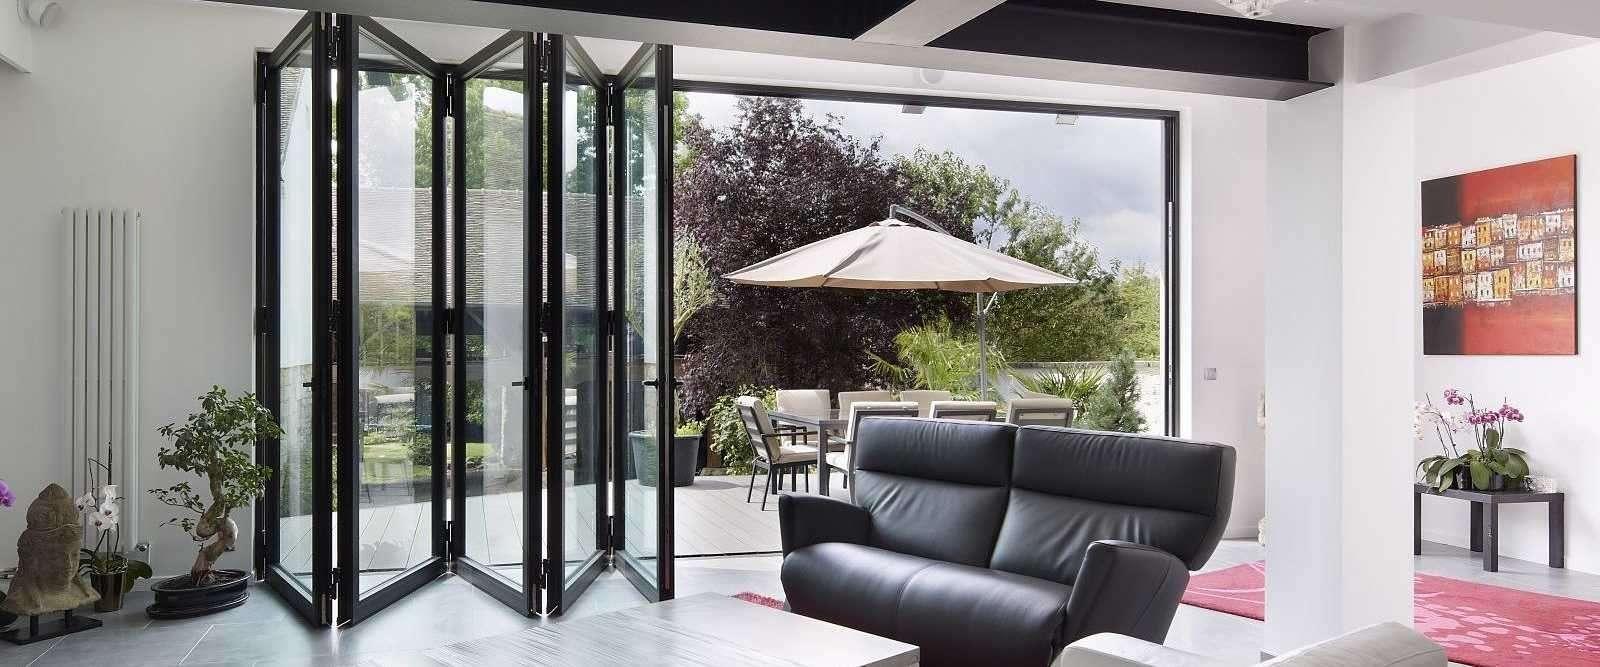 Reynaers Cf 77 Bi Fold Doors Marlin Windows Keighley